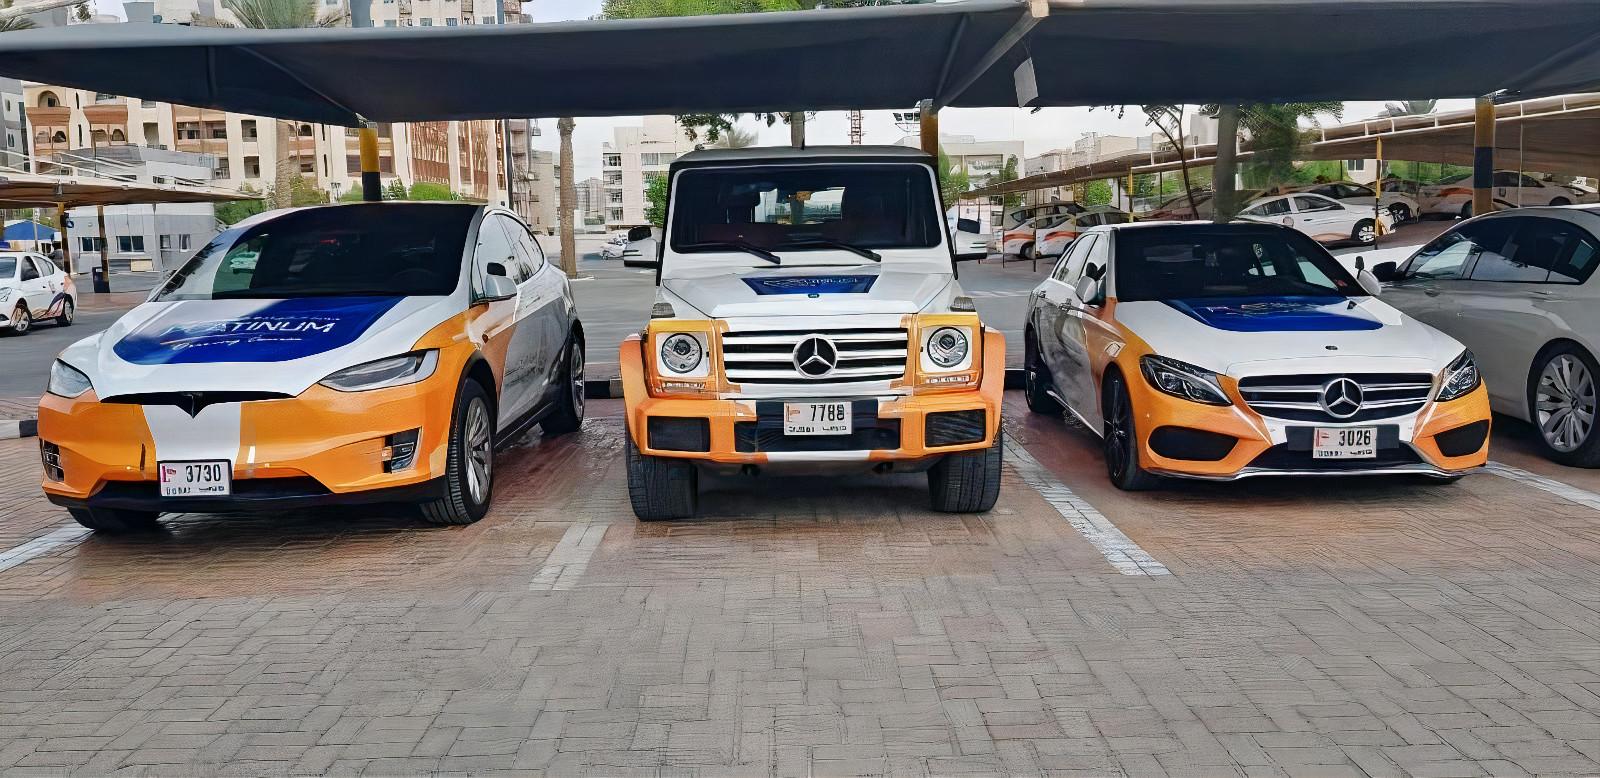 Emirates Driving Institute Tesla, Mercedes